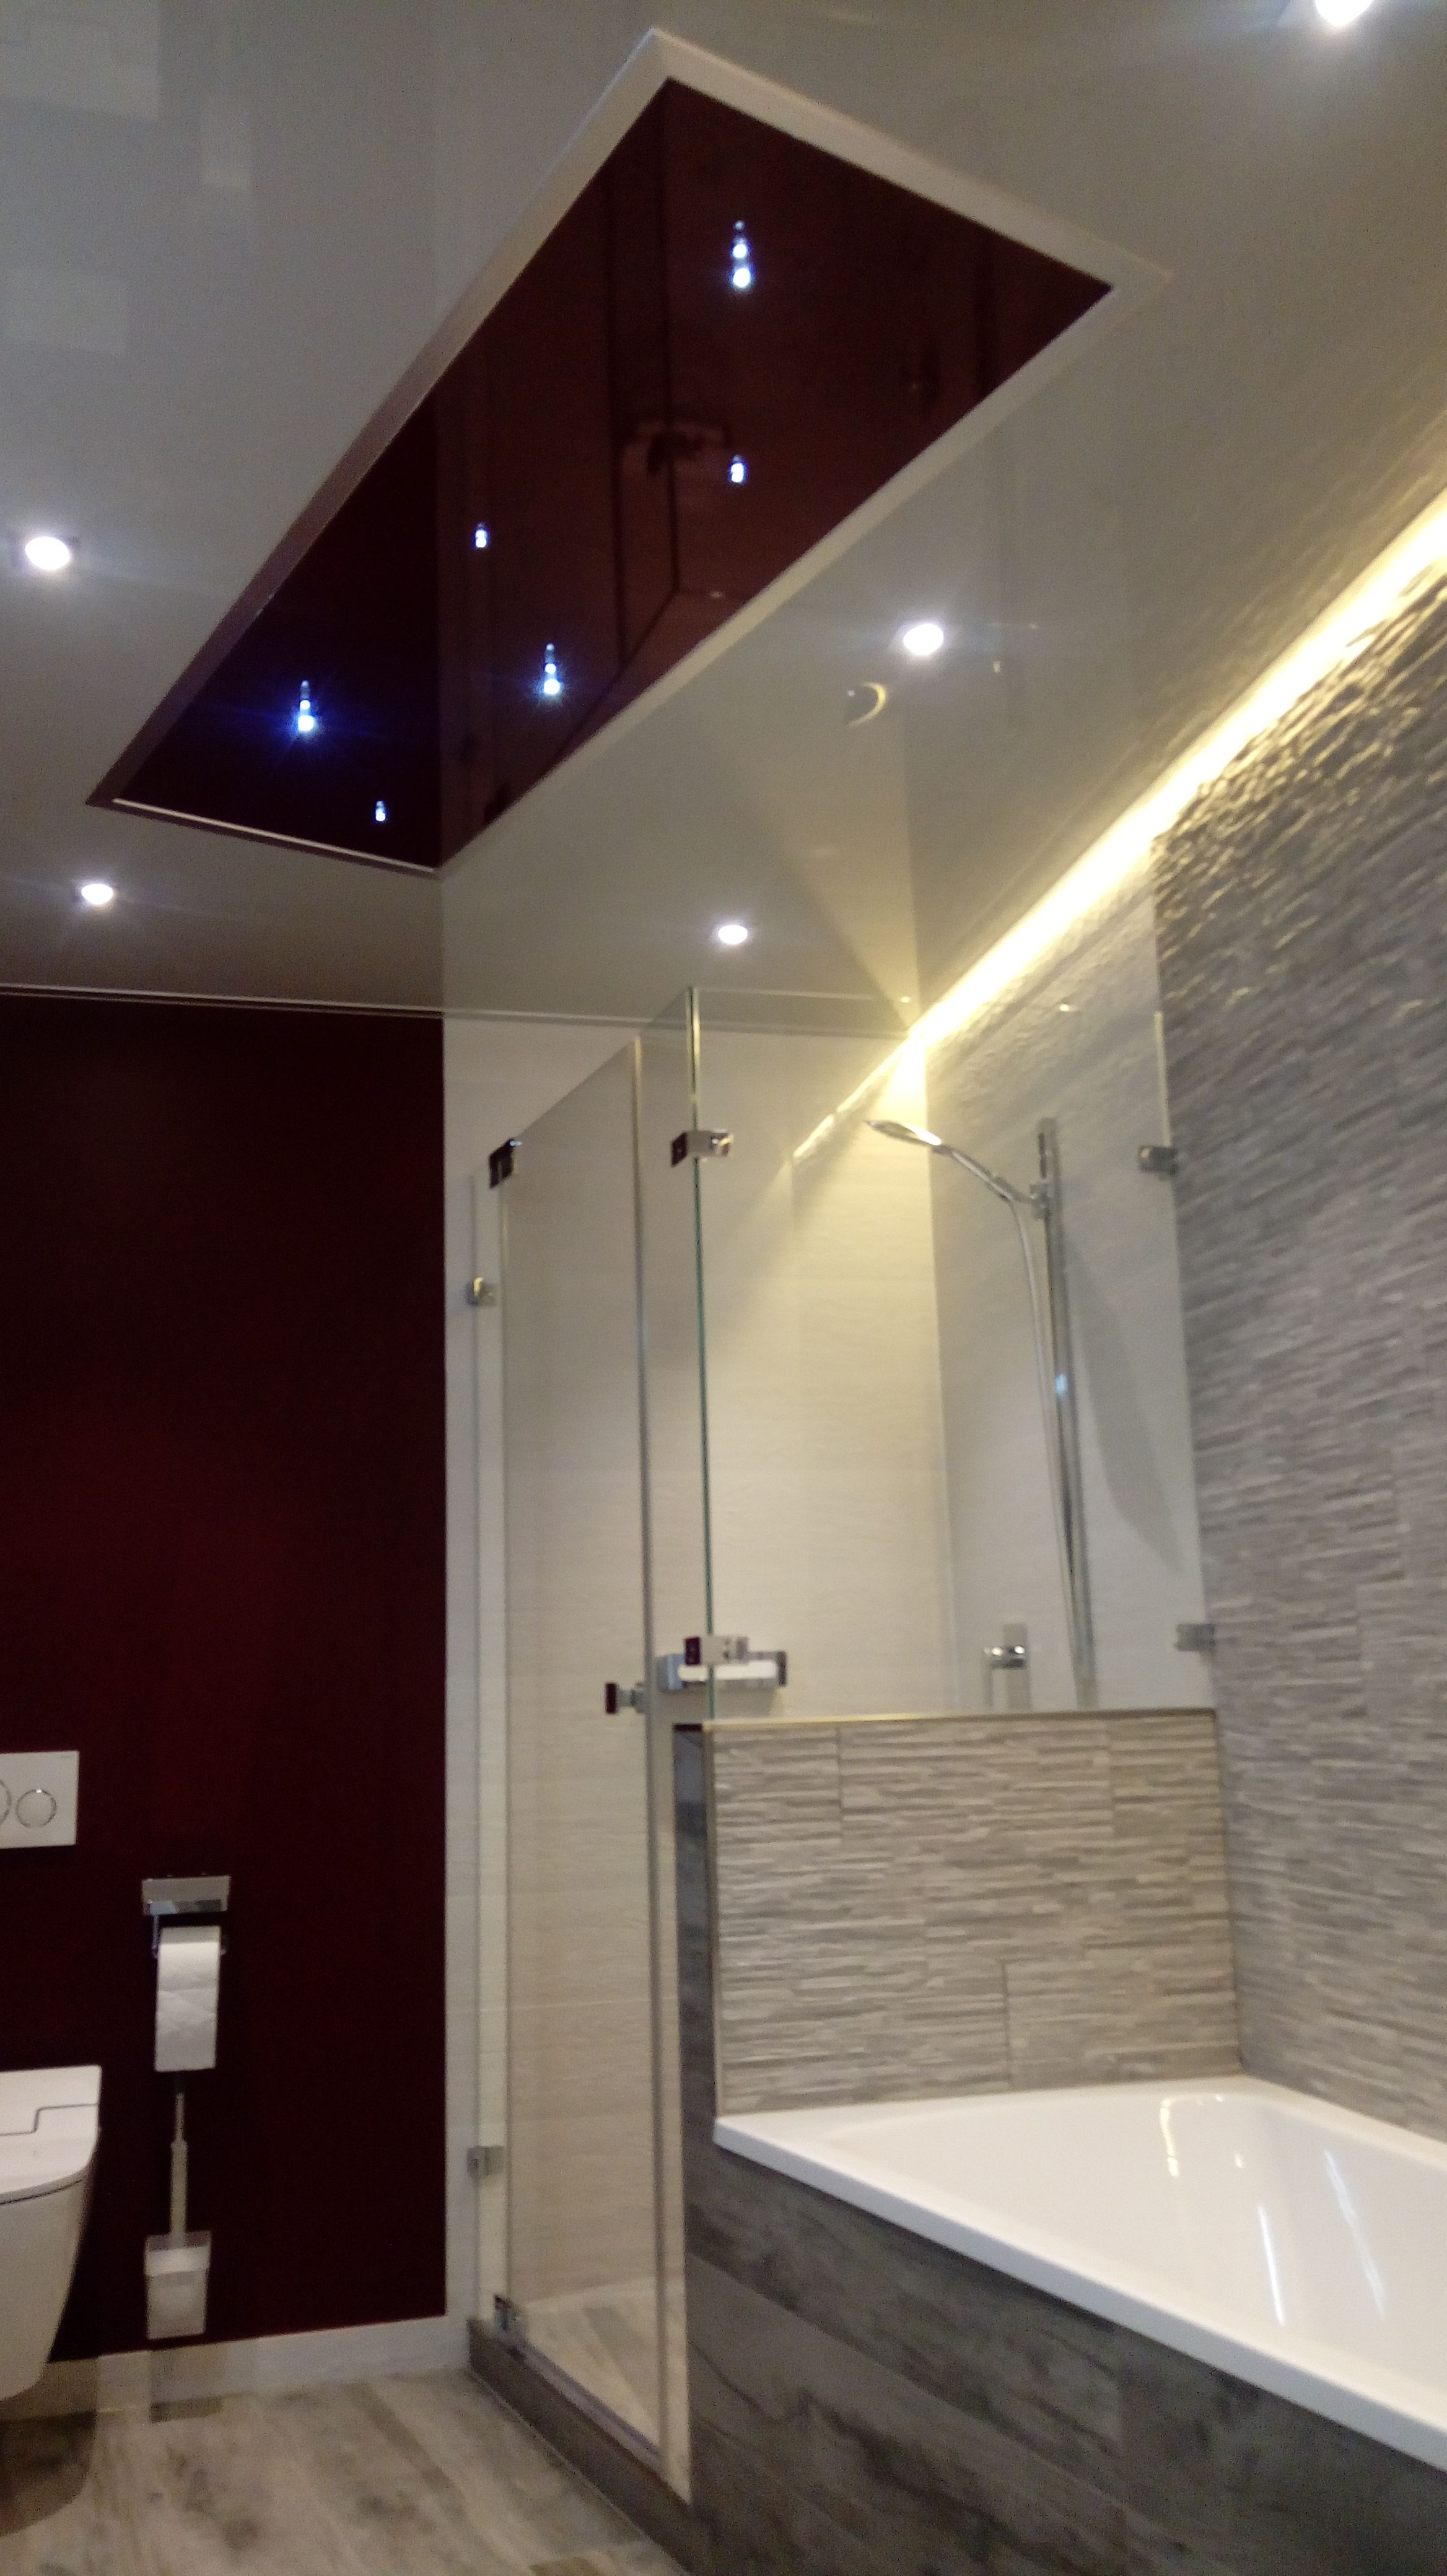 Hochglanzende Badezimmer Spanndecke Von Plameco Mit Moderner